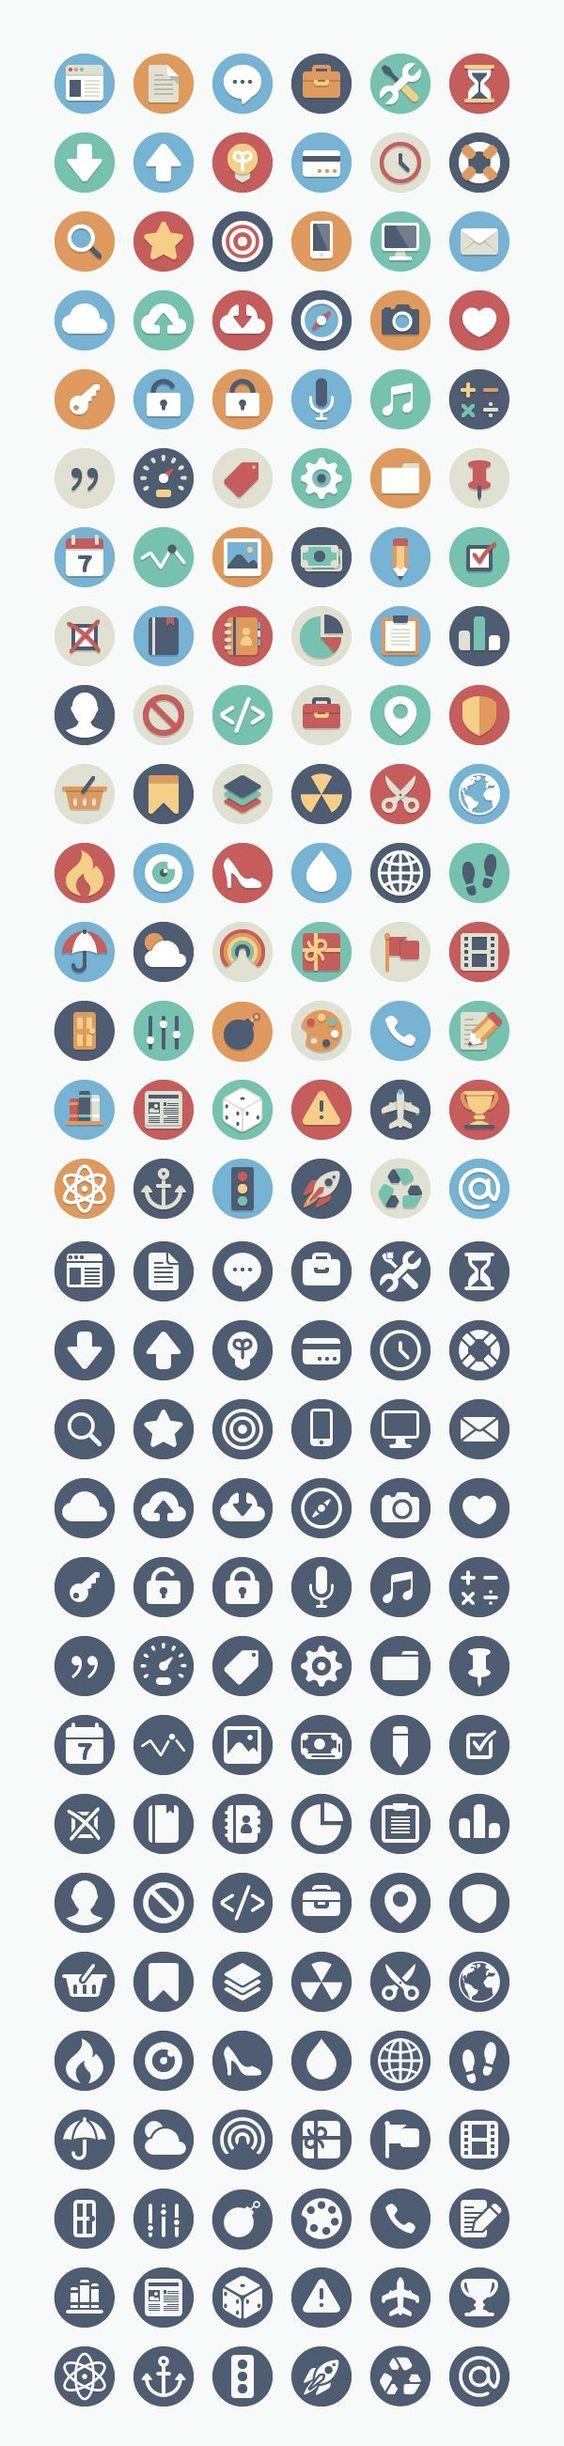 Sehr schönes Icon-Set für schulische Projekte (können auch kommerziell genutzt werden. Stehen auch in Vektorformaten zur Verfügung!: